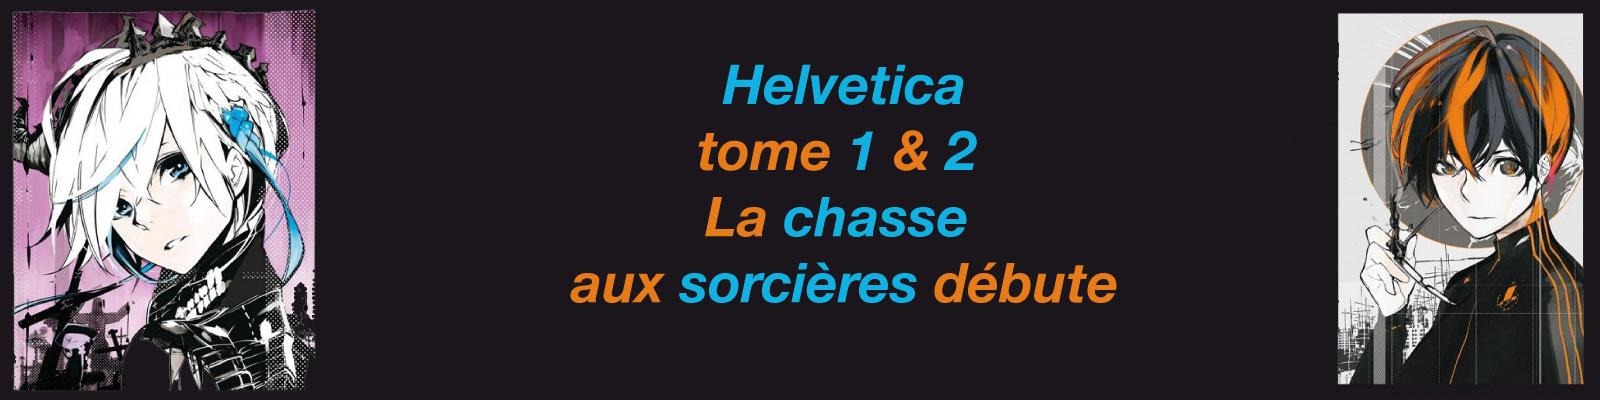 Helvetica-Vol.-2